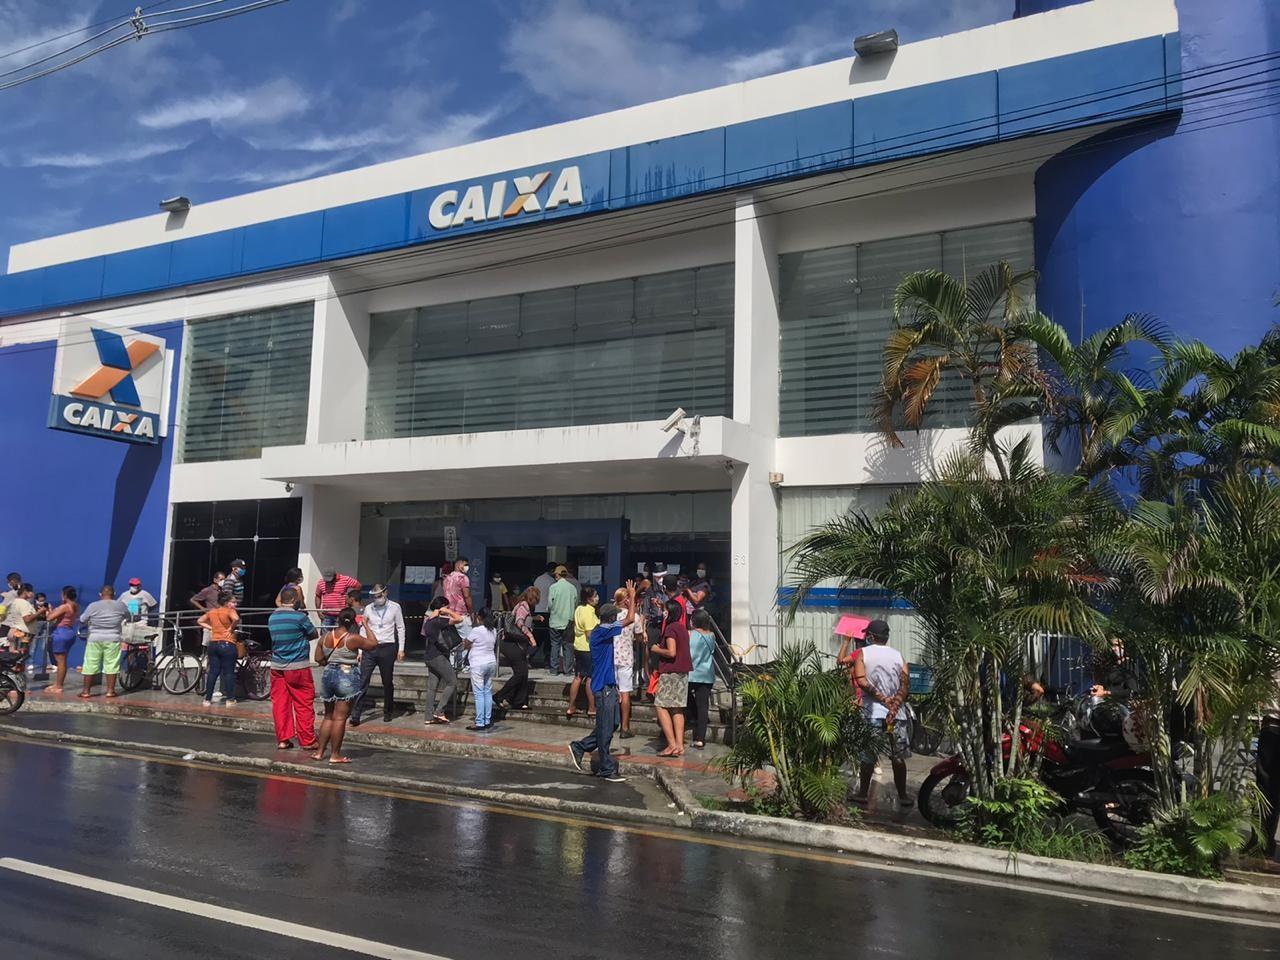 CAIXA abre sete agências em Alagoas no sábado, 6 de junho